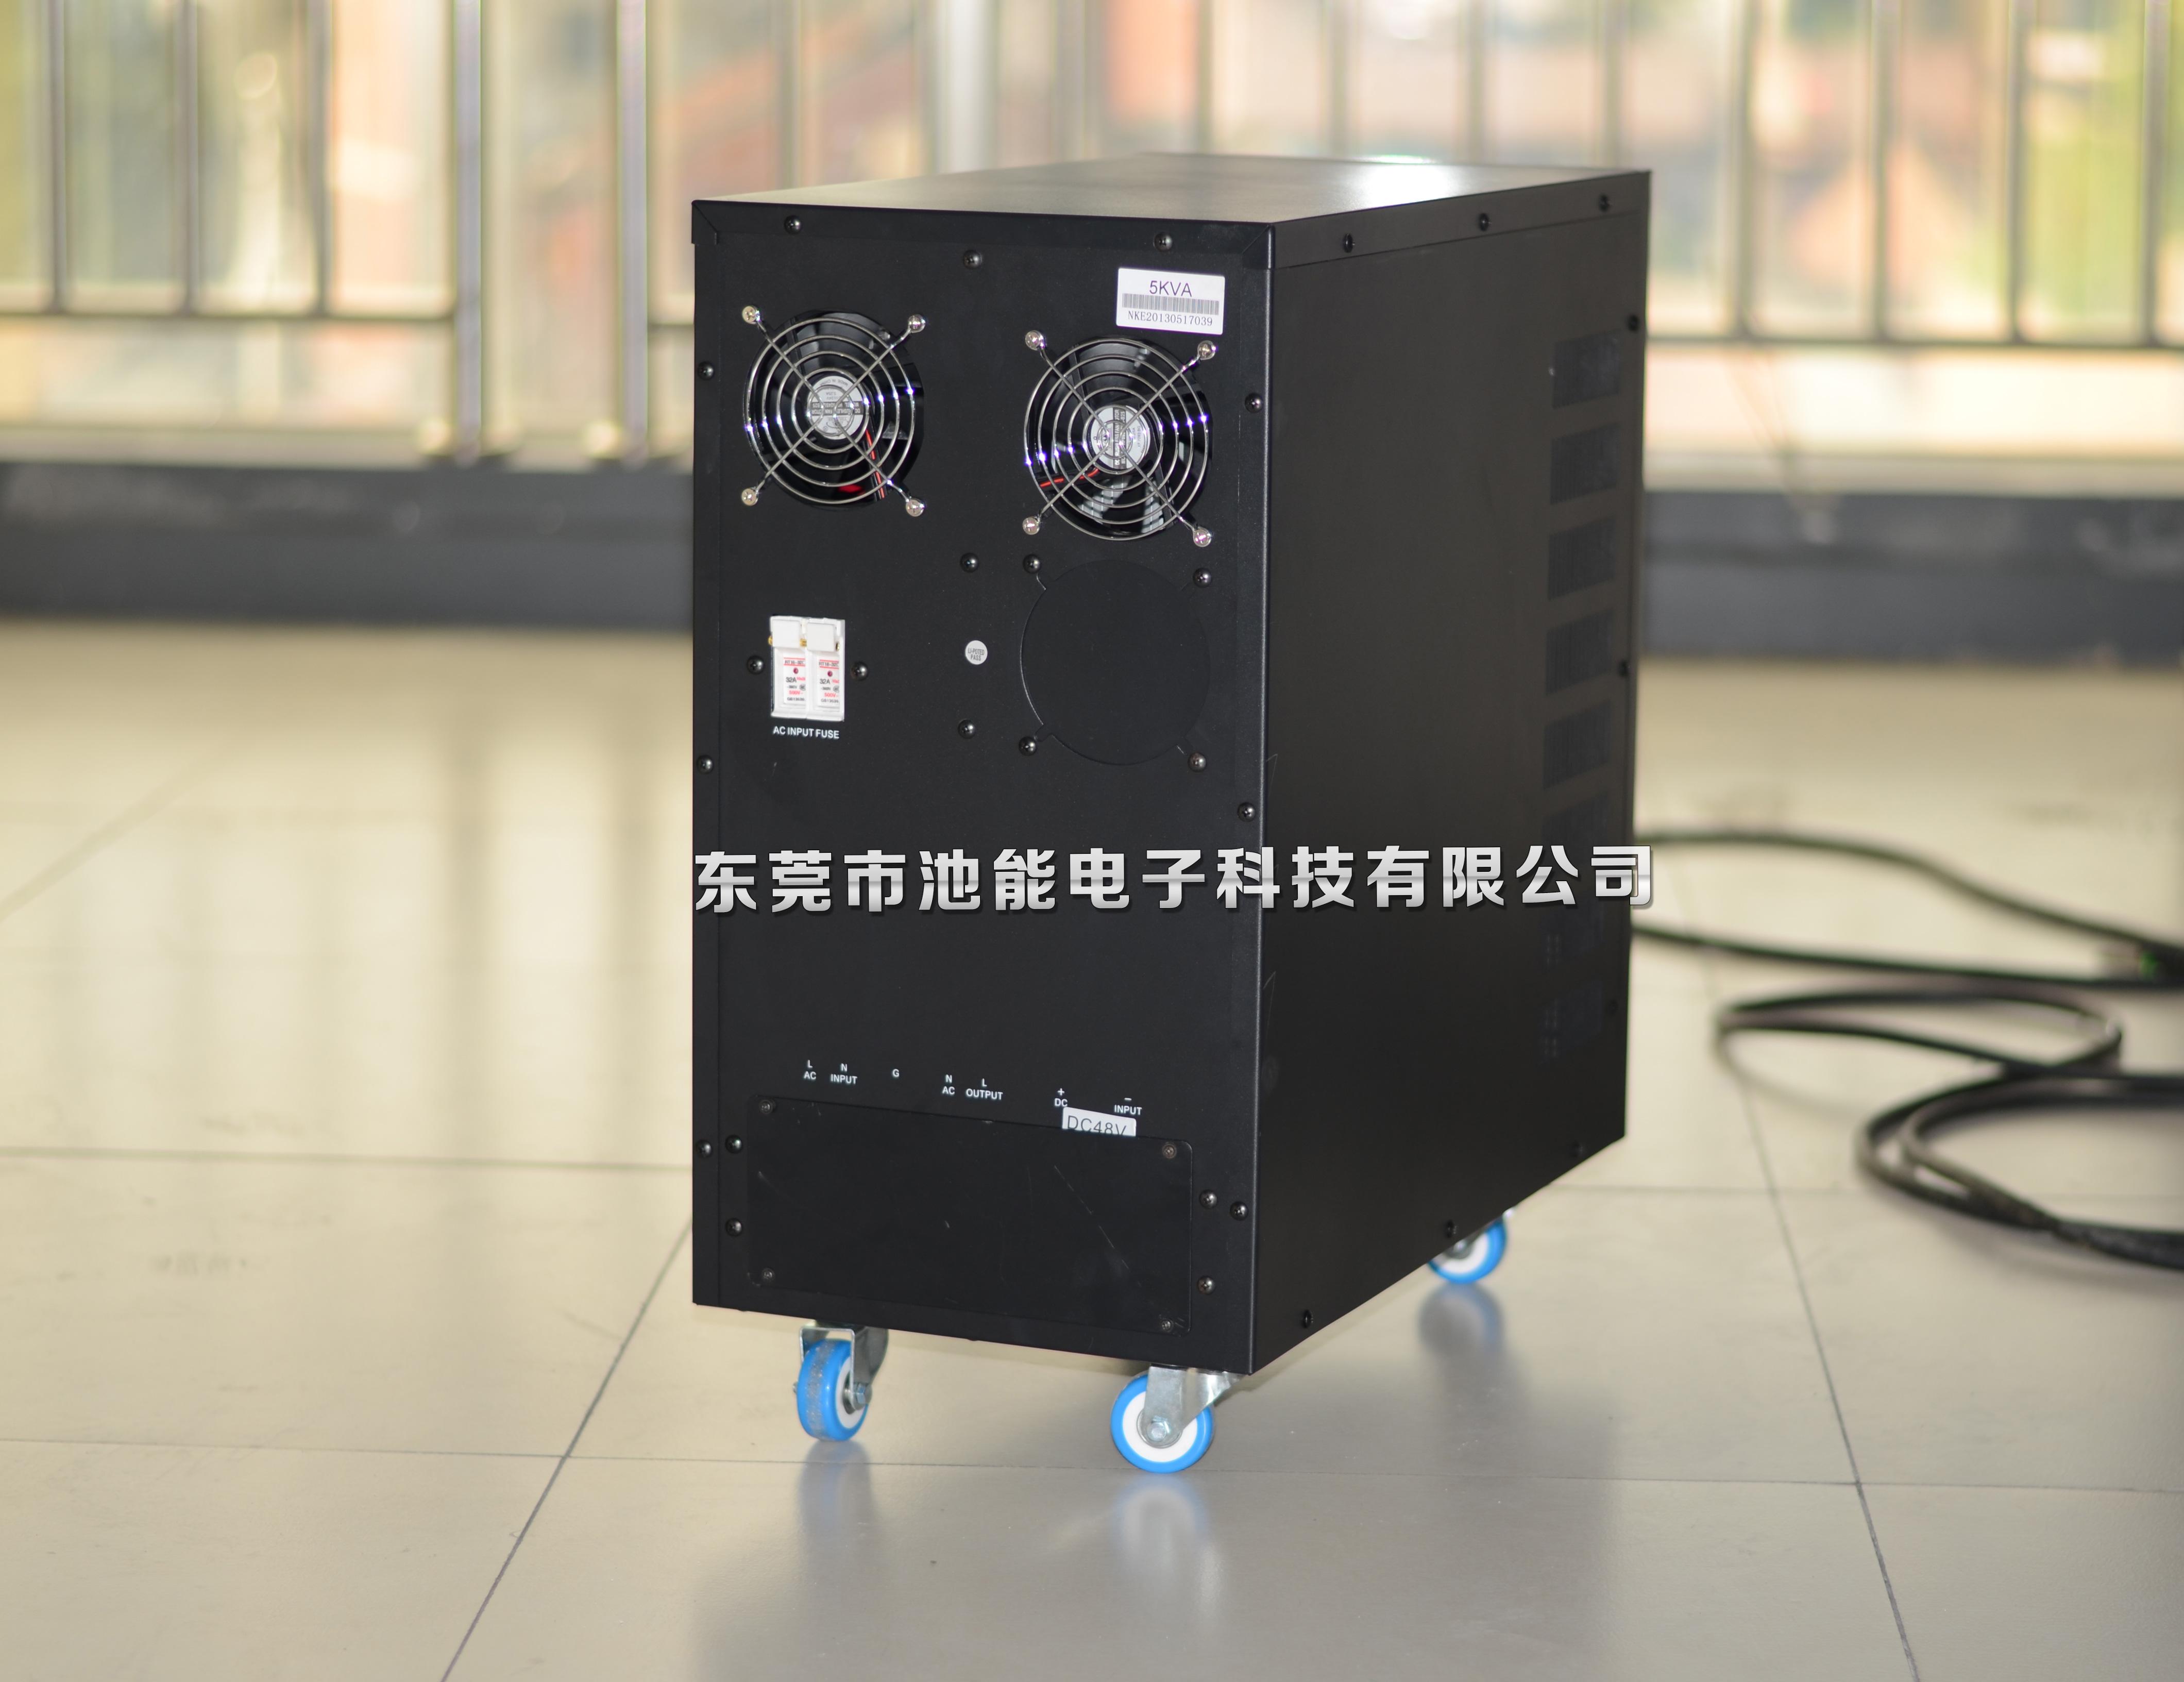 一、可搭配发电机使用 二、微处理器数字设计 三、宽范围电压和频率输入 四、自动电压调整功能 五、液晶显示屏 六、冷启动功能 七、防雷防过载保护 八、高强度负载能力 九、短路和超载保护 本系列的UPS只需很少维护。标准机型的电池为阀门式调节、低维护型、只需经常保持充电以获得期望寿命。UPS在同市电联接时,不管开机与否,始终向电池充电,并且提供过充、过放电保护功能。 此UPS设备内置池能生产的超大容量锂电池,扩大了电池比容量,与其他同类产品相比,续航能力明显提升,因此主要使用于工业、企业及商用环境。